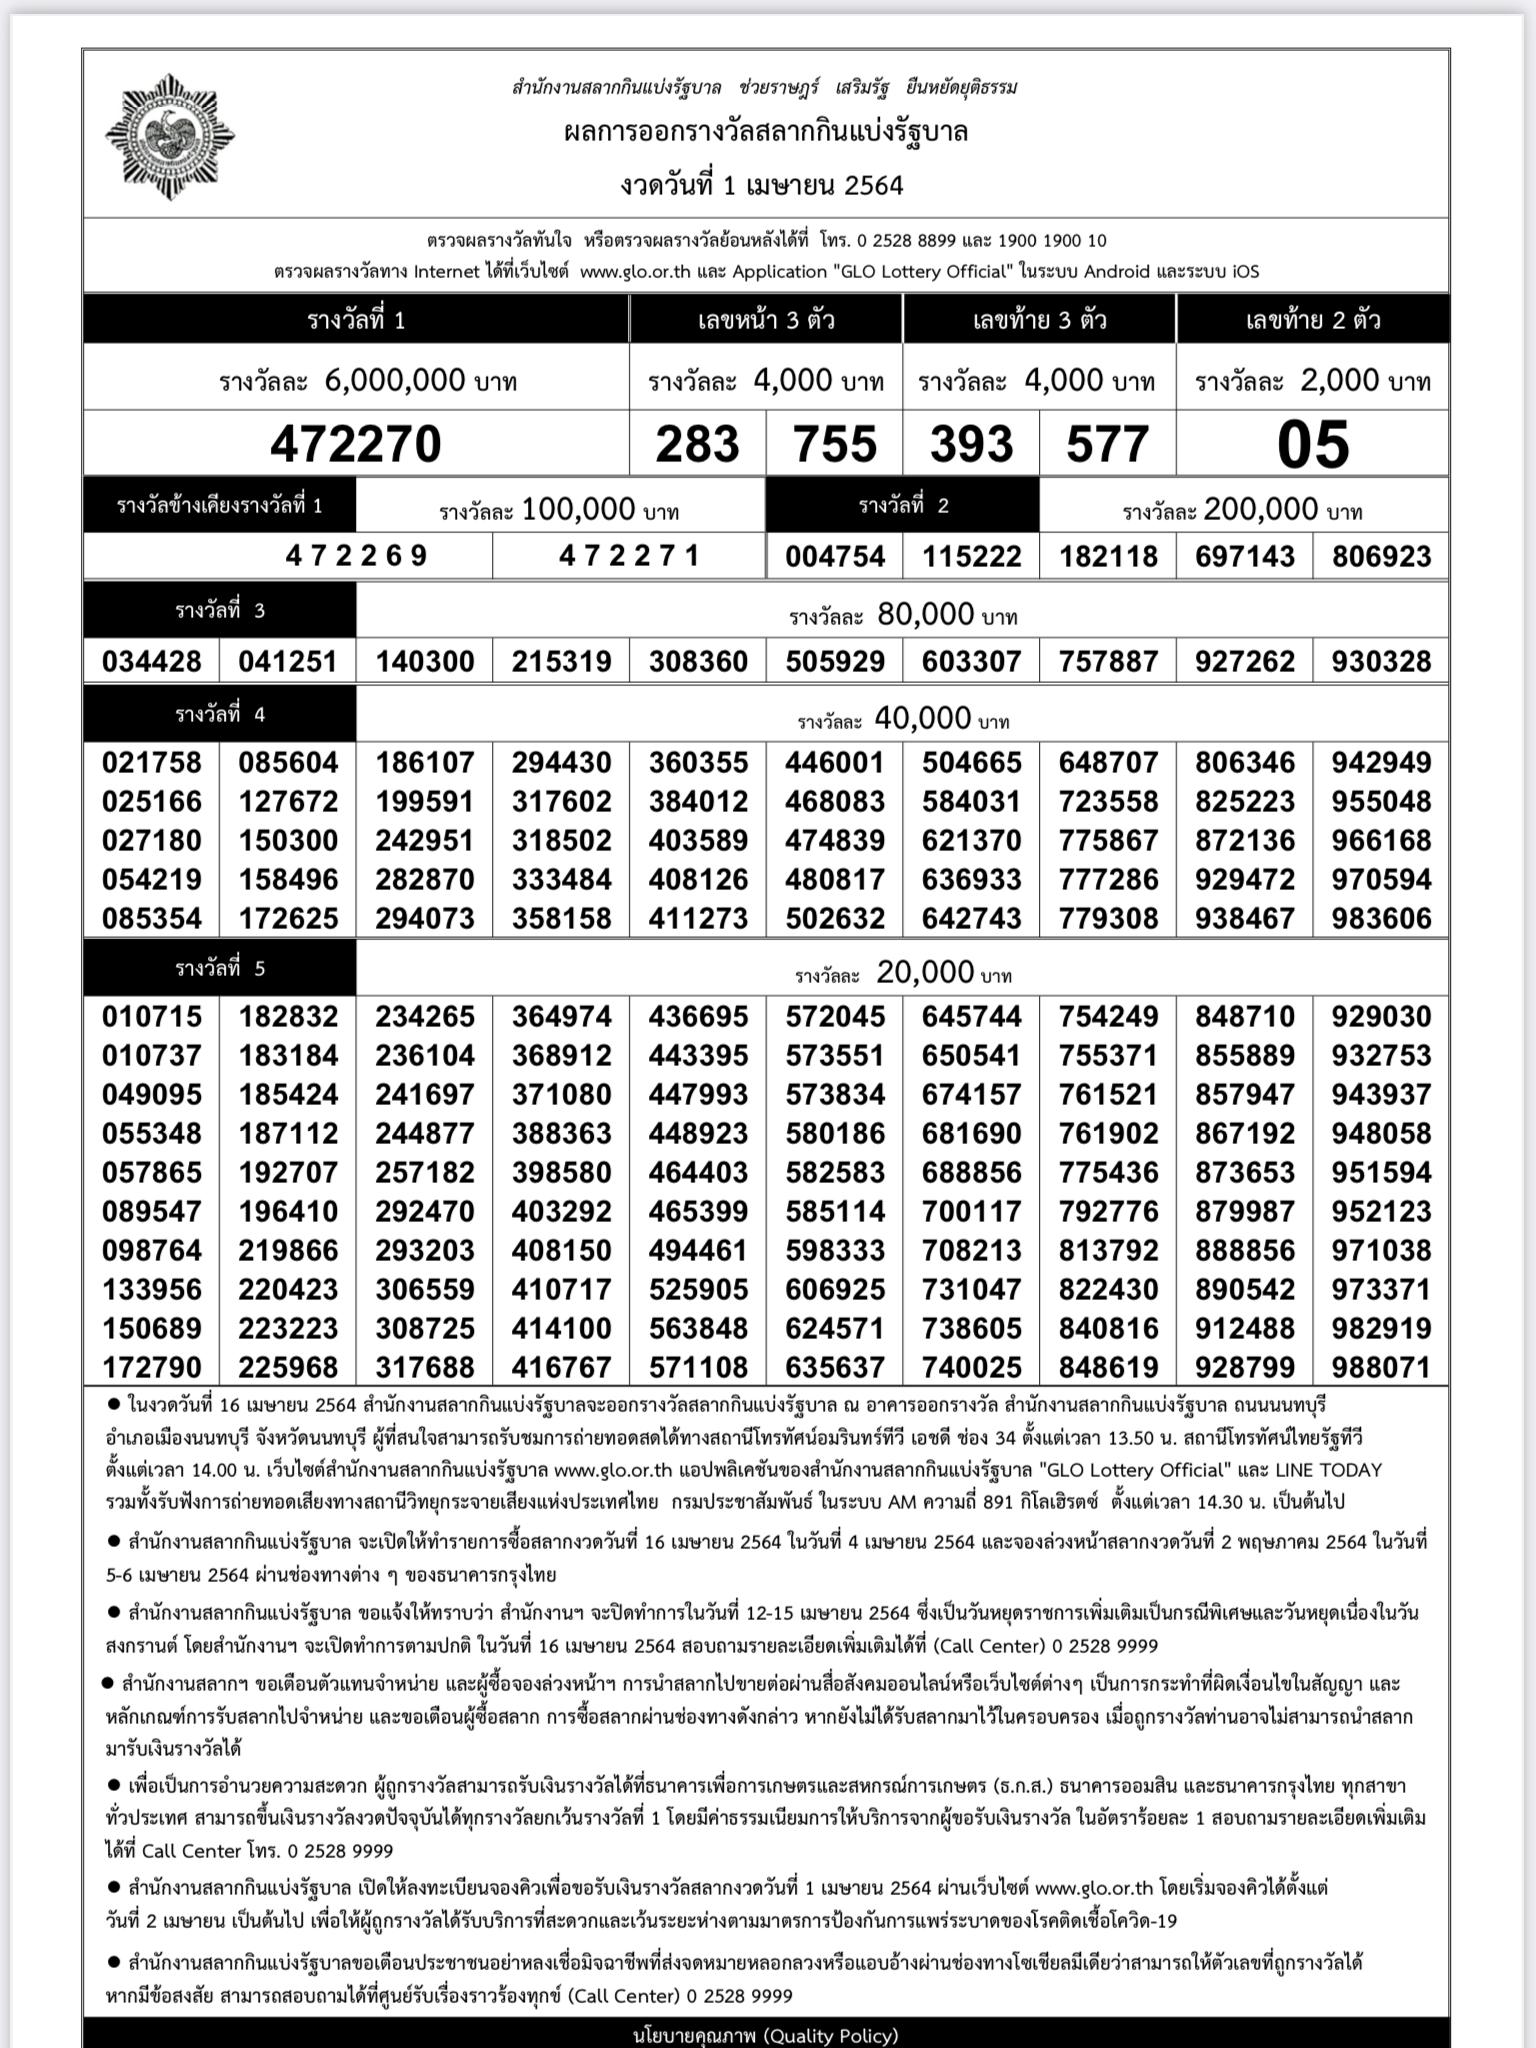 ใบตรวจหวย 1 เมษายน 2564 #ใบตรวจหวย #ตรวจหวย #ตรวจสลาก 1/4/64 – Zcooby.com